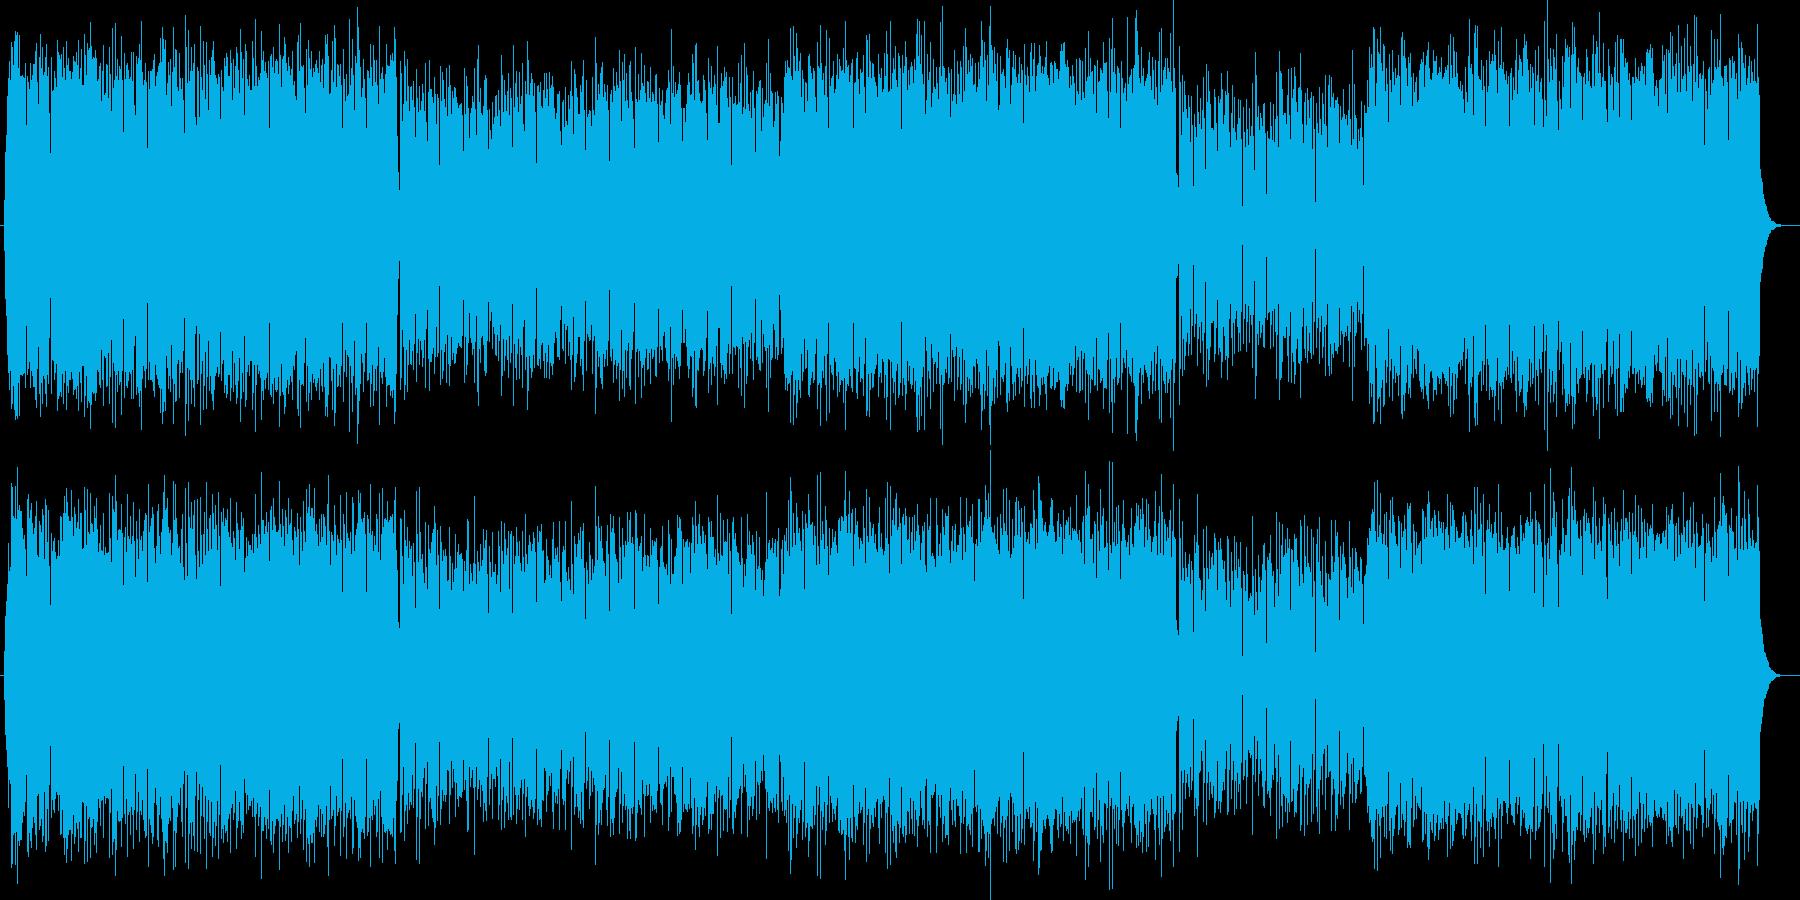 情緒漂う和風ストリングスポップスの再生済みの波形